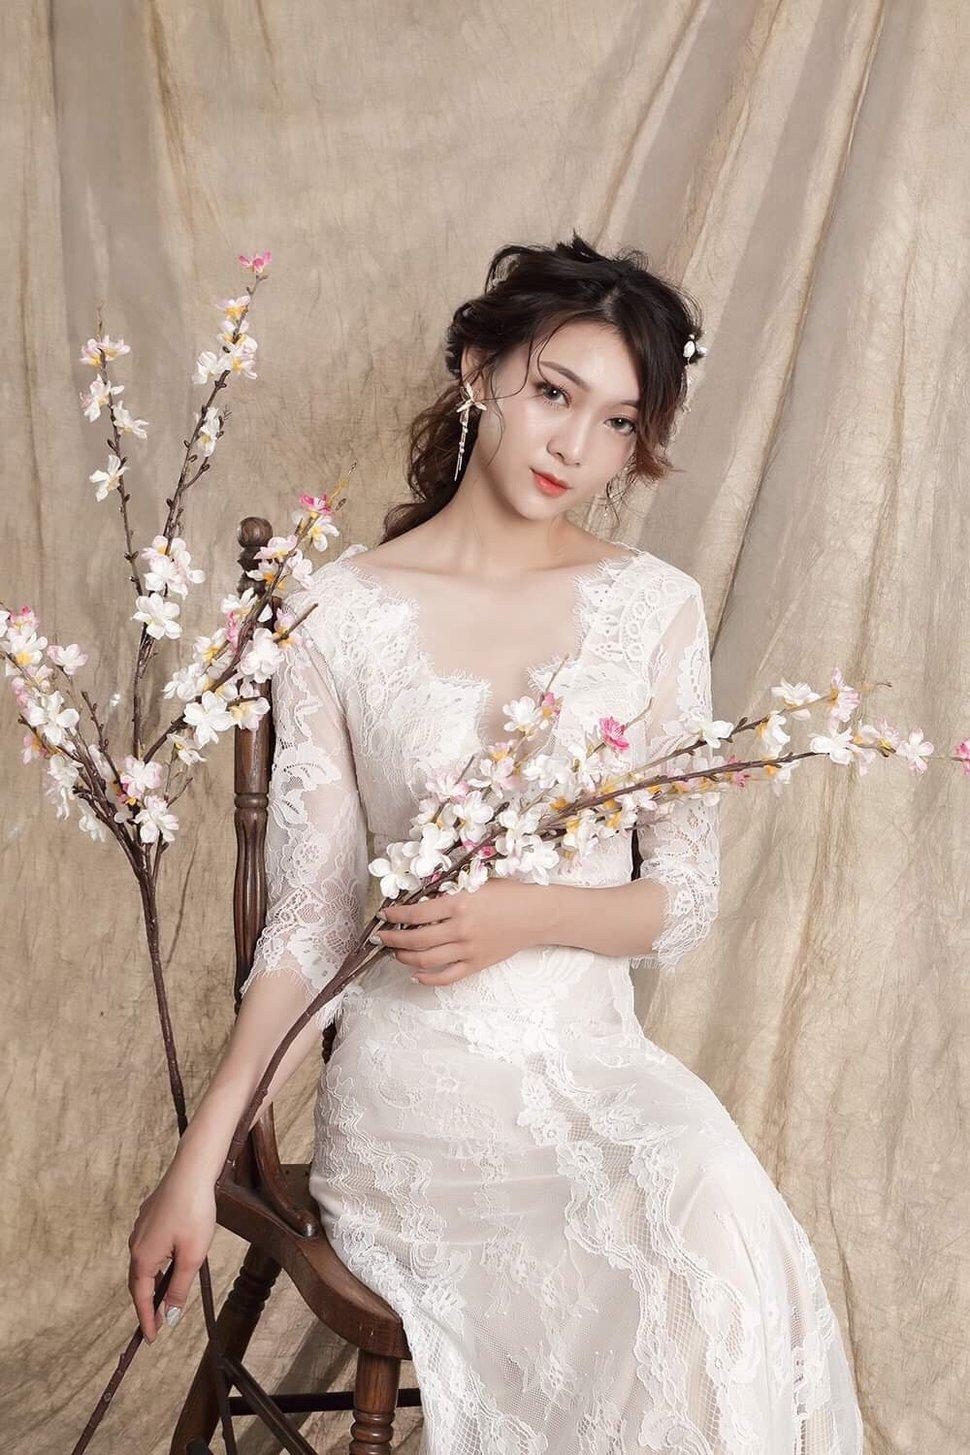 466D36D5-42EE-497C-B6D6-905777F27F47 - Nanami 張慈慈《結婚吧》